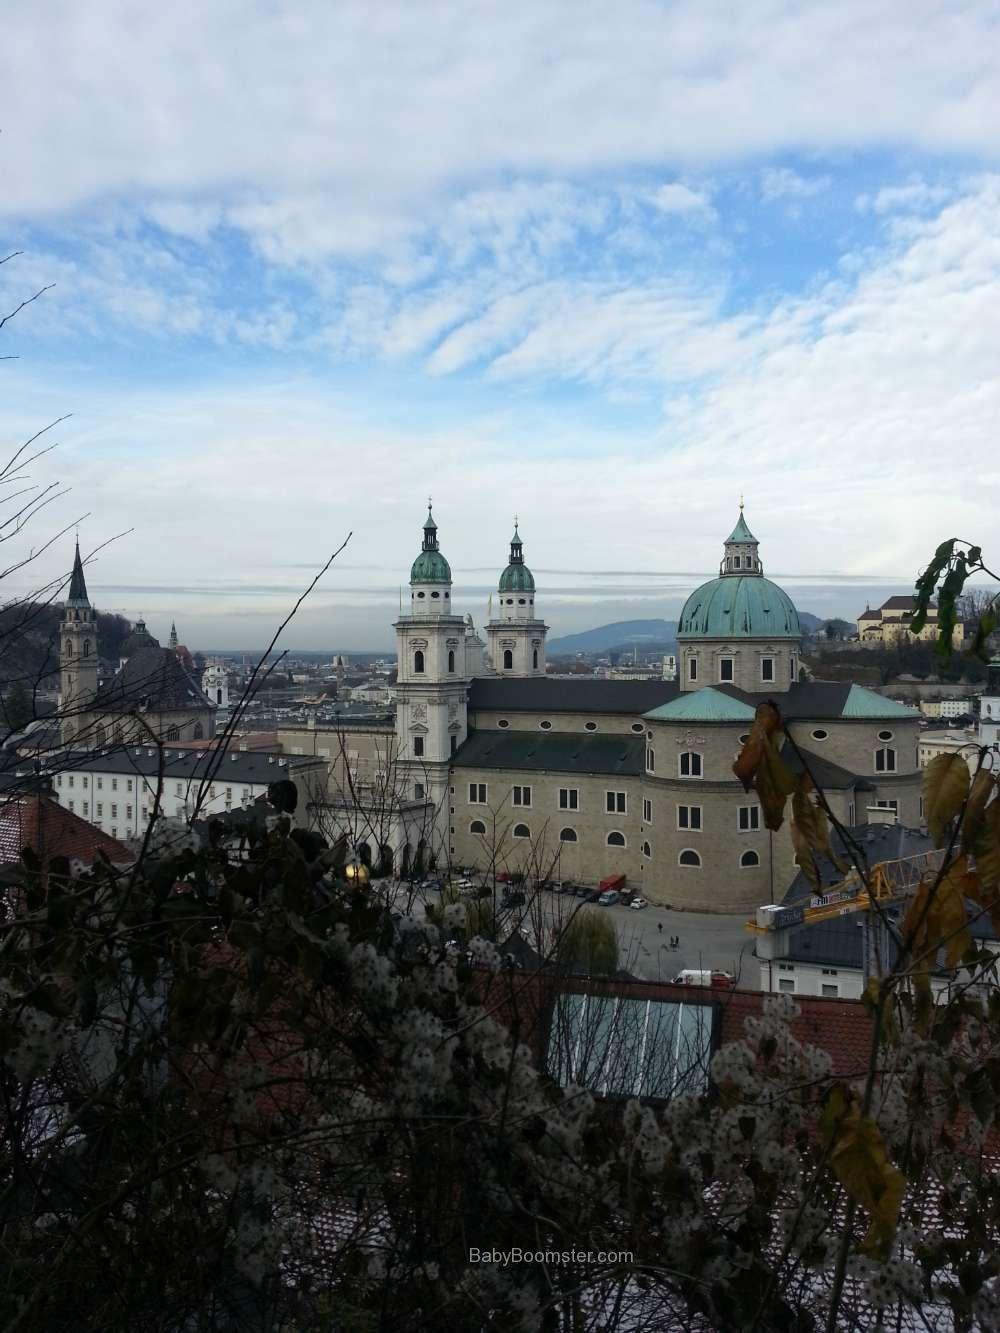 Baby Boomer Travel   Austria   Salzburg View